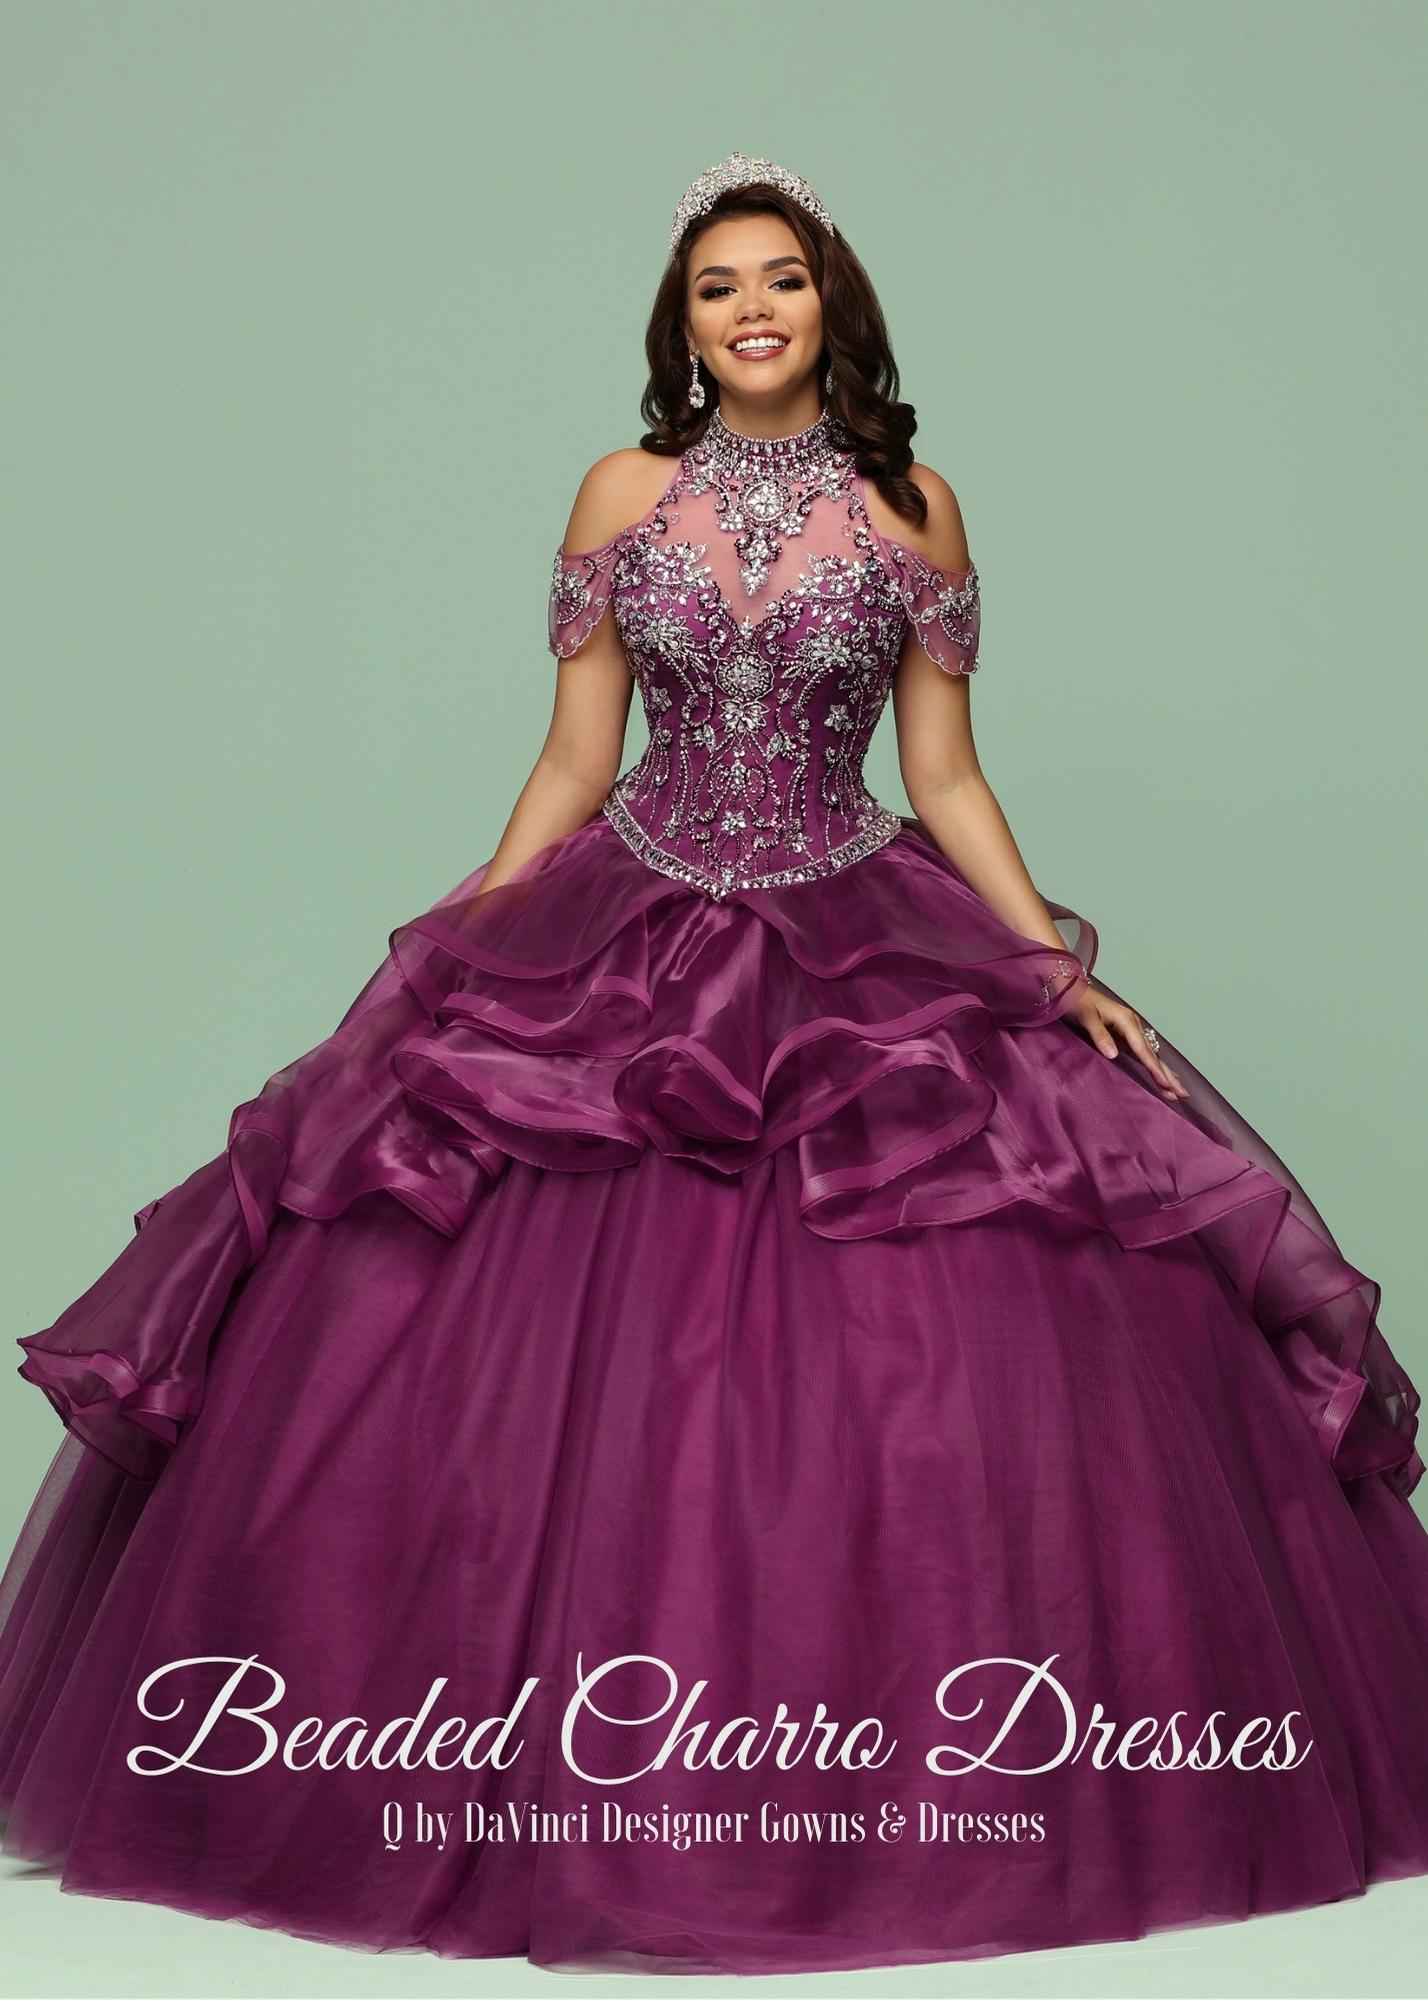 Beaded Charro Quinceanera Dresses